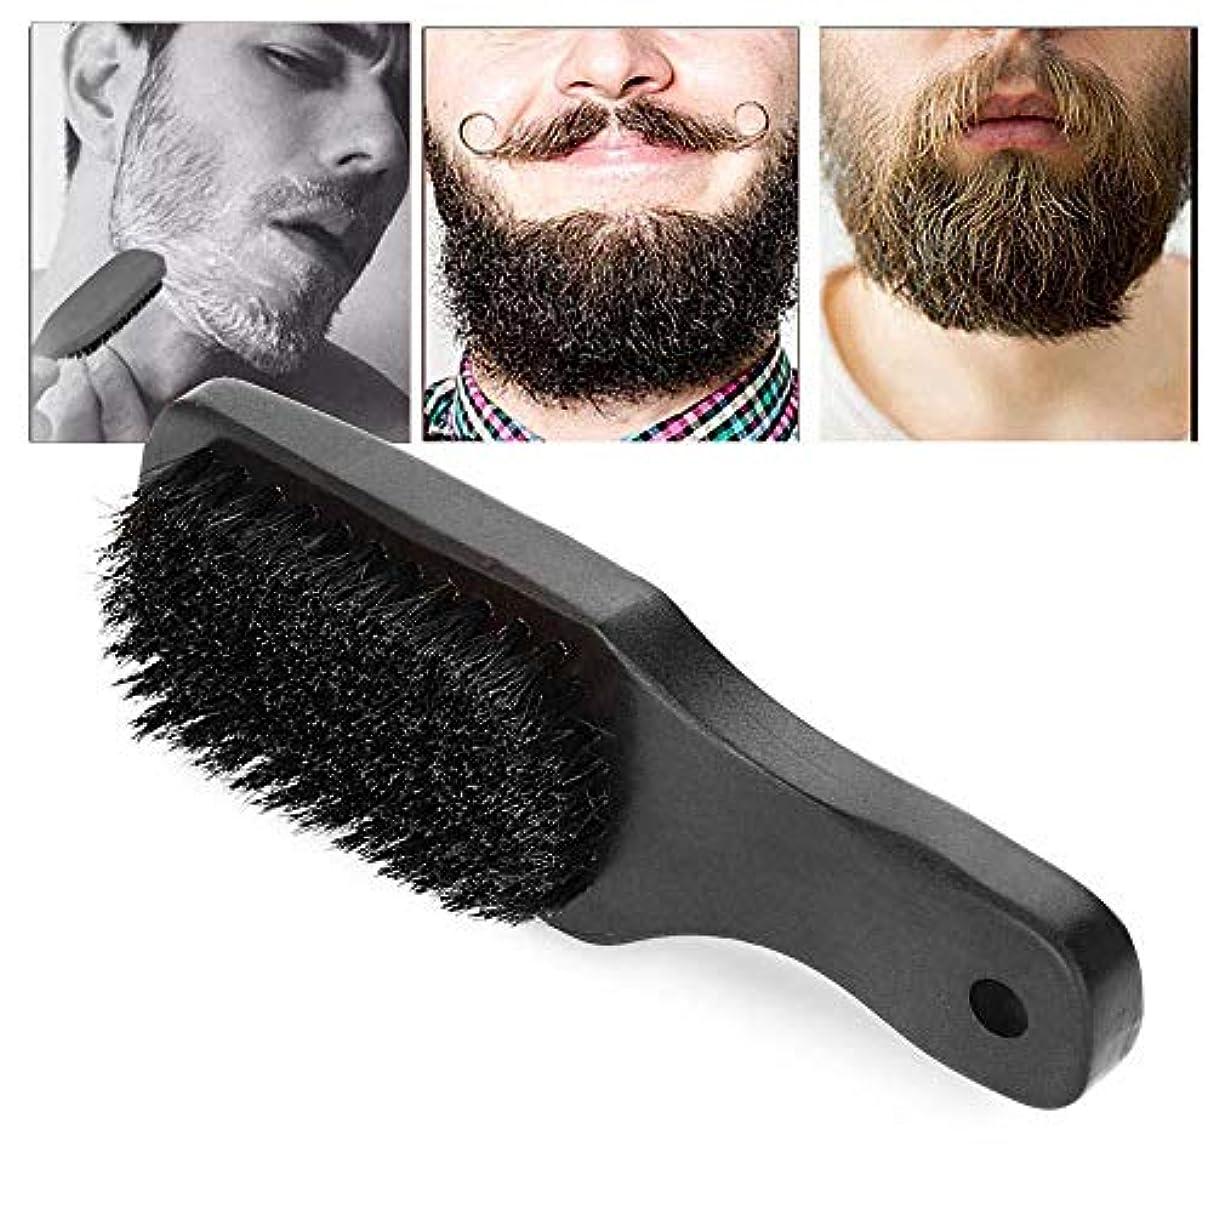 法令カウンターパート期限切れポマードの毛の櫛、ひげのための剃るブラシの毛の手入れをするポマードの毛の櫛の人のひげを生やしたひげのクリーニングブラシの毛